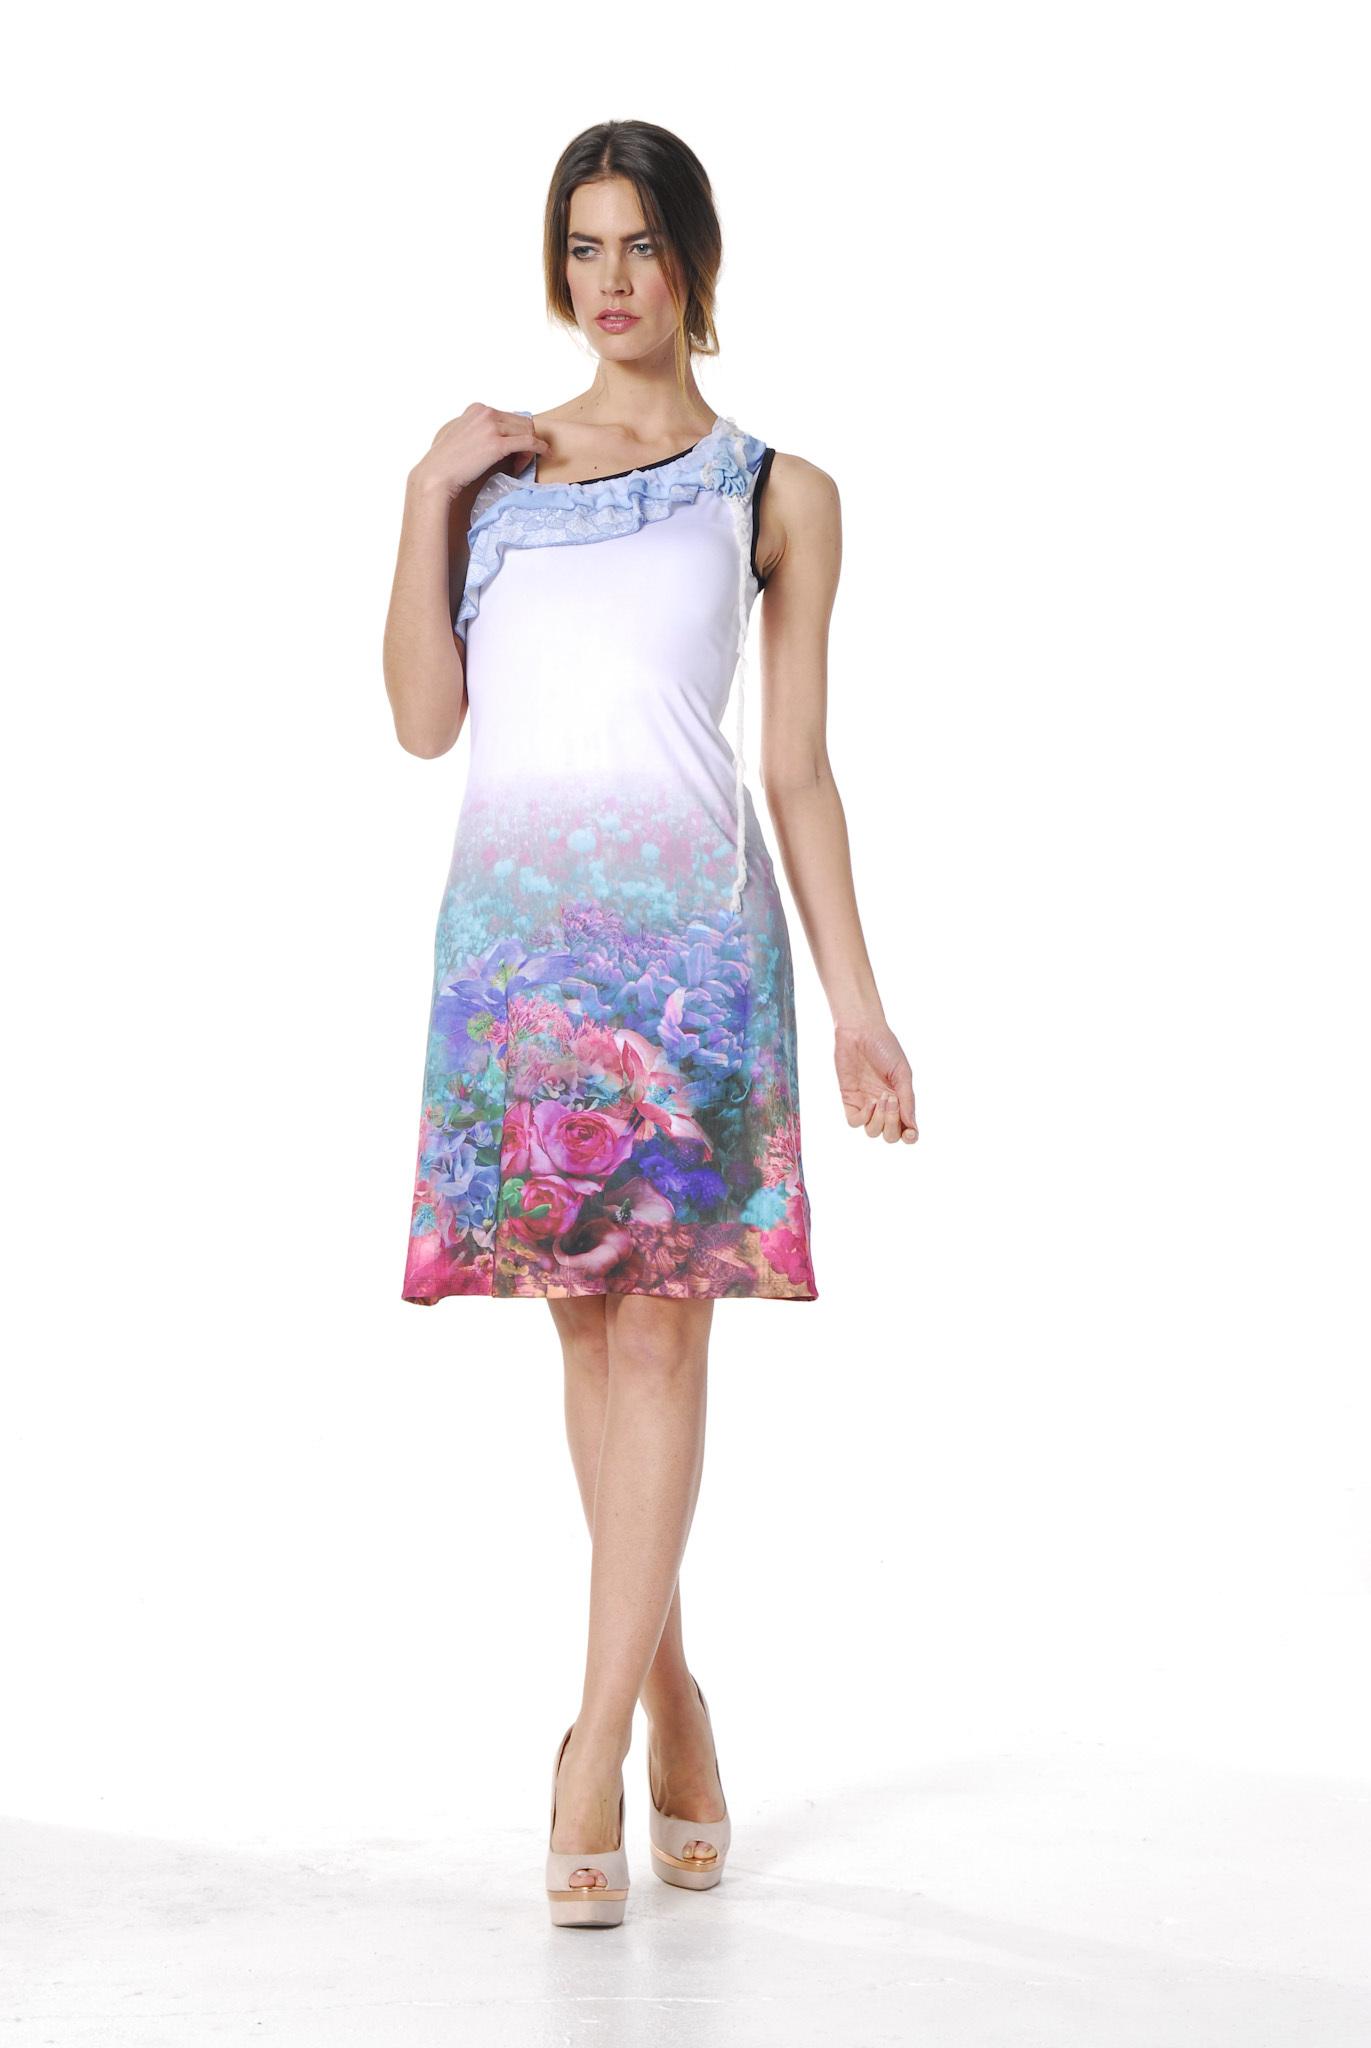 Les Fees Du Vent Couture: Fuschia Fairytale Sundress LFDV_888107_N2